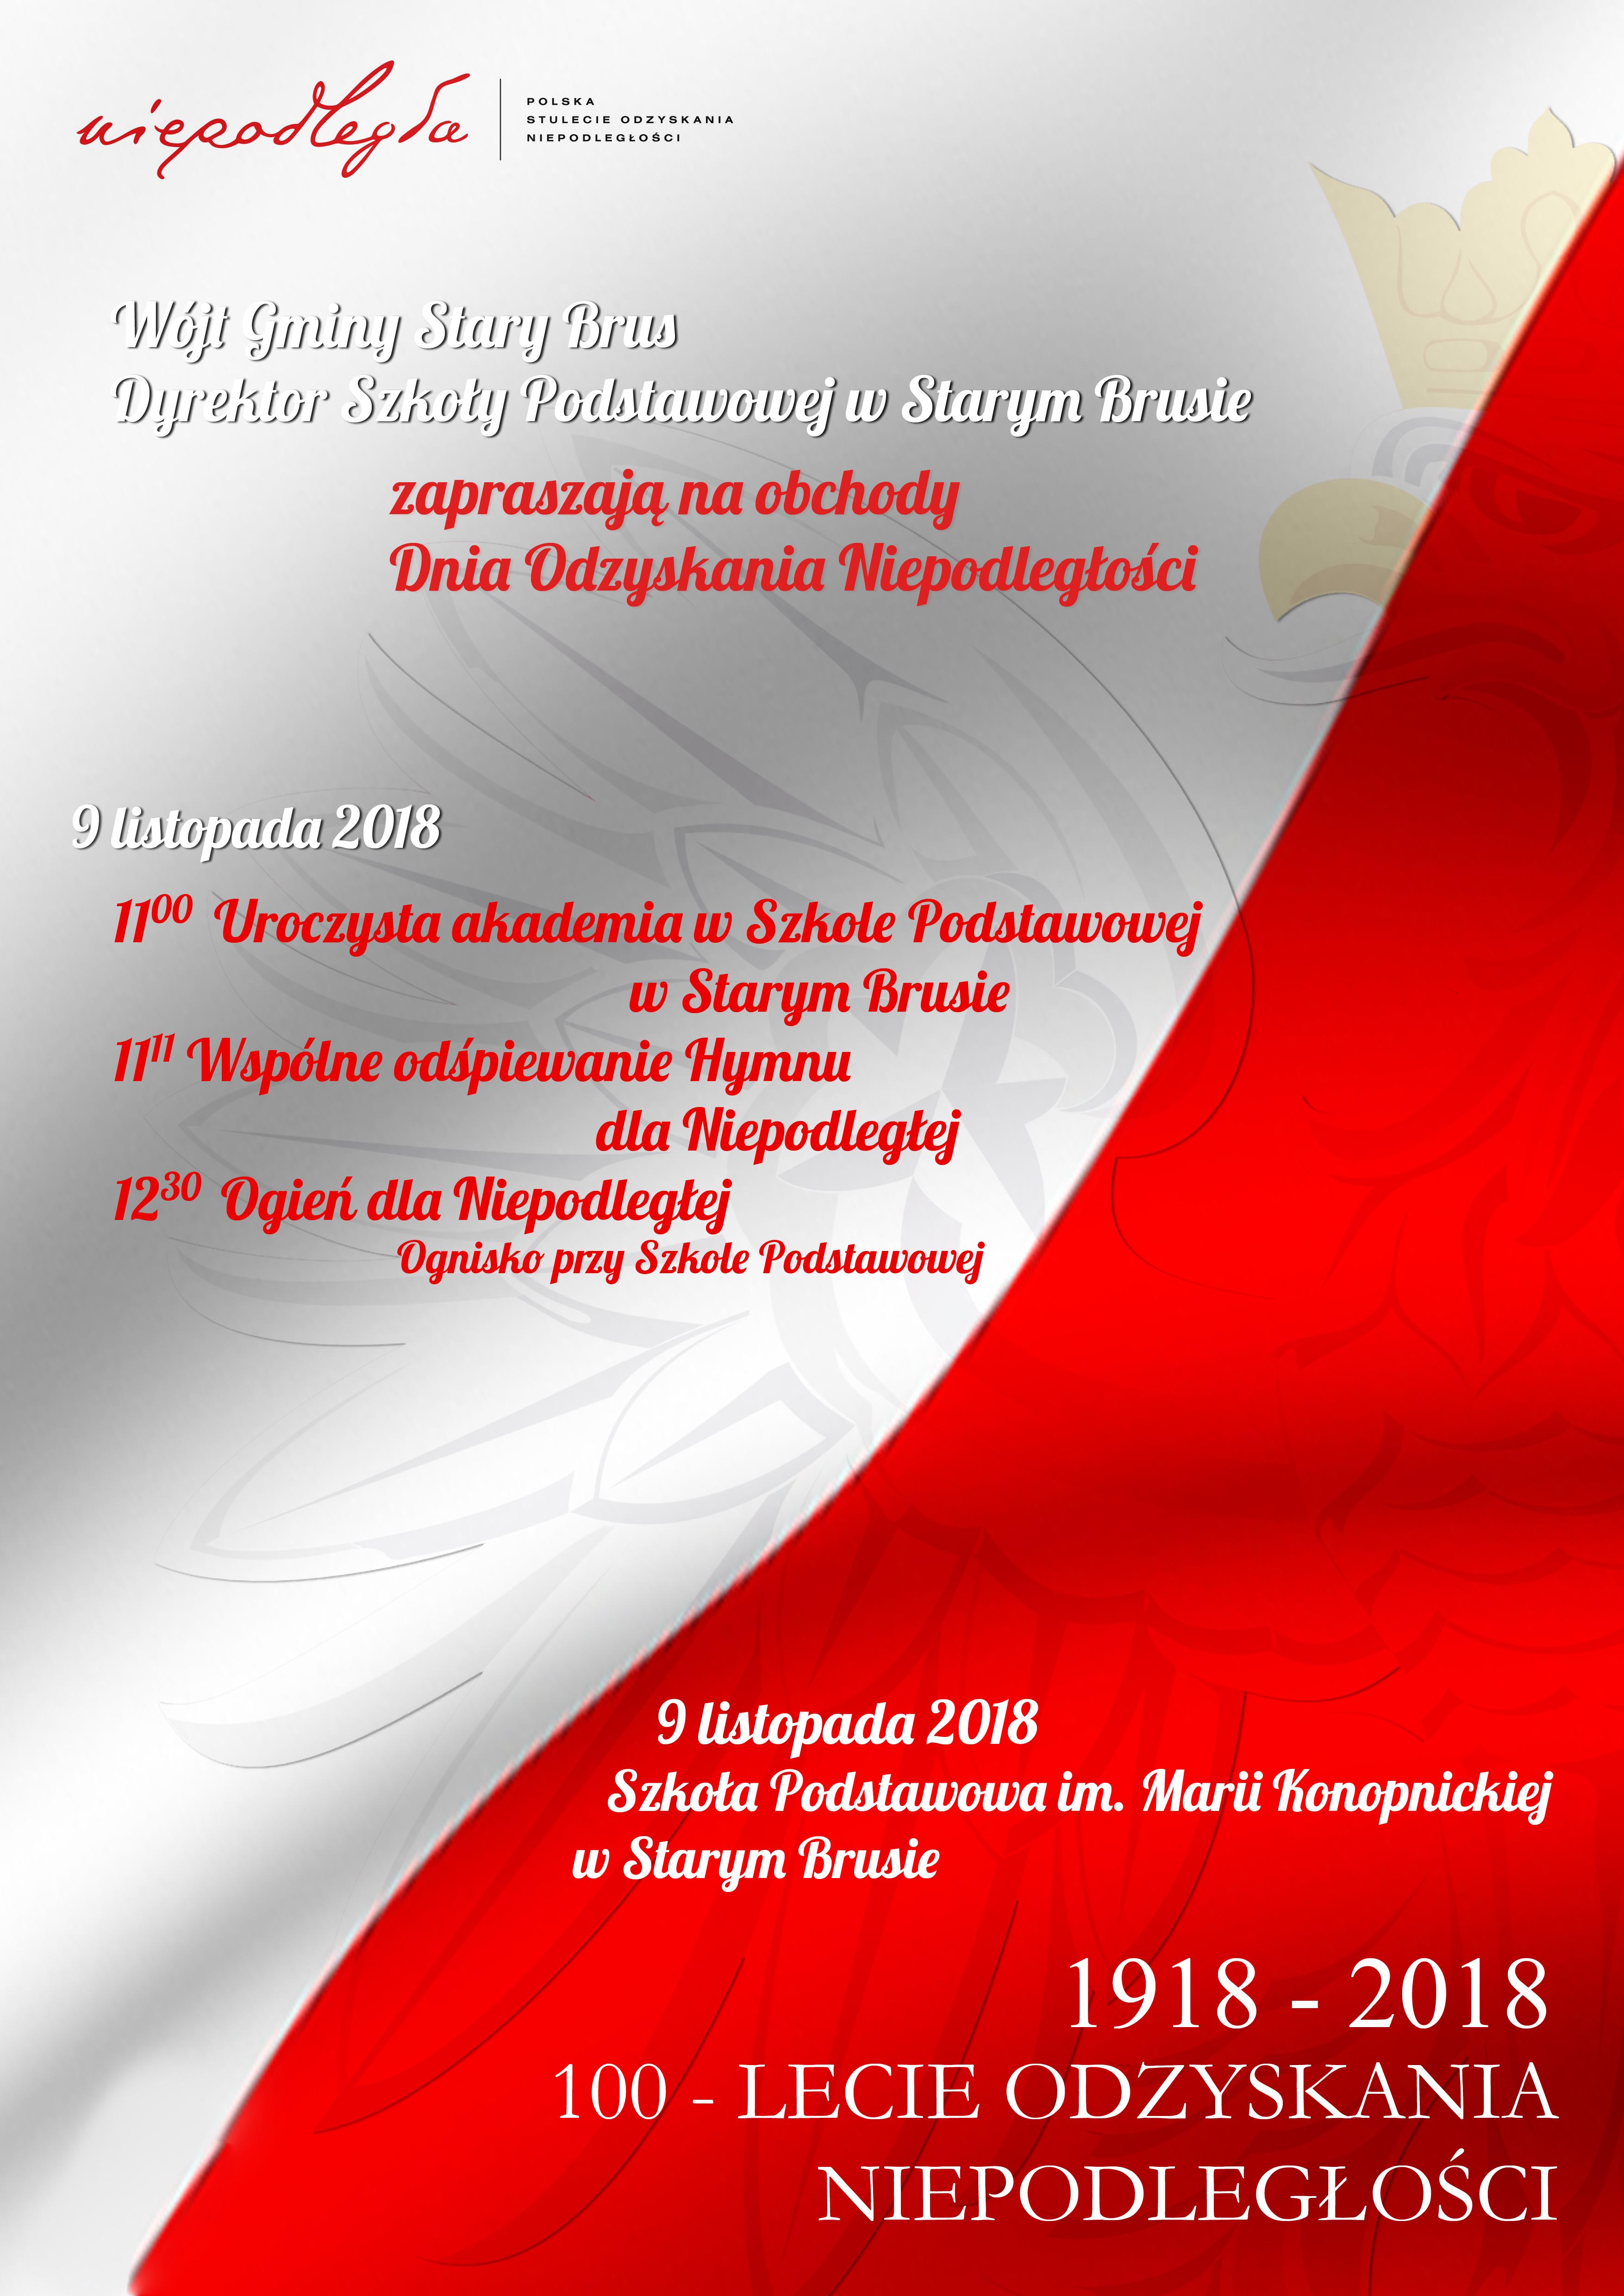 Niepodległa! Zaproszenie na obchody Dnia Niepodległości